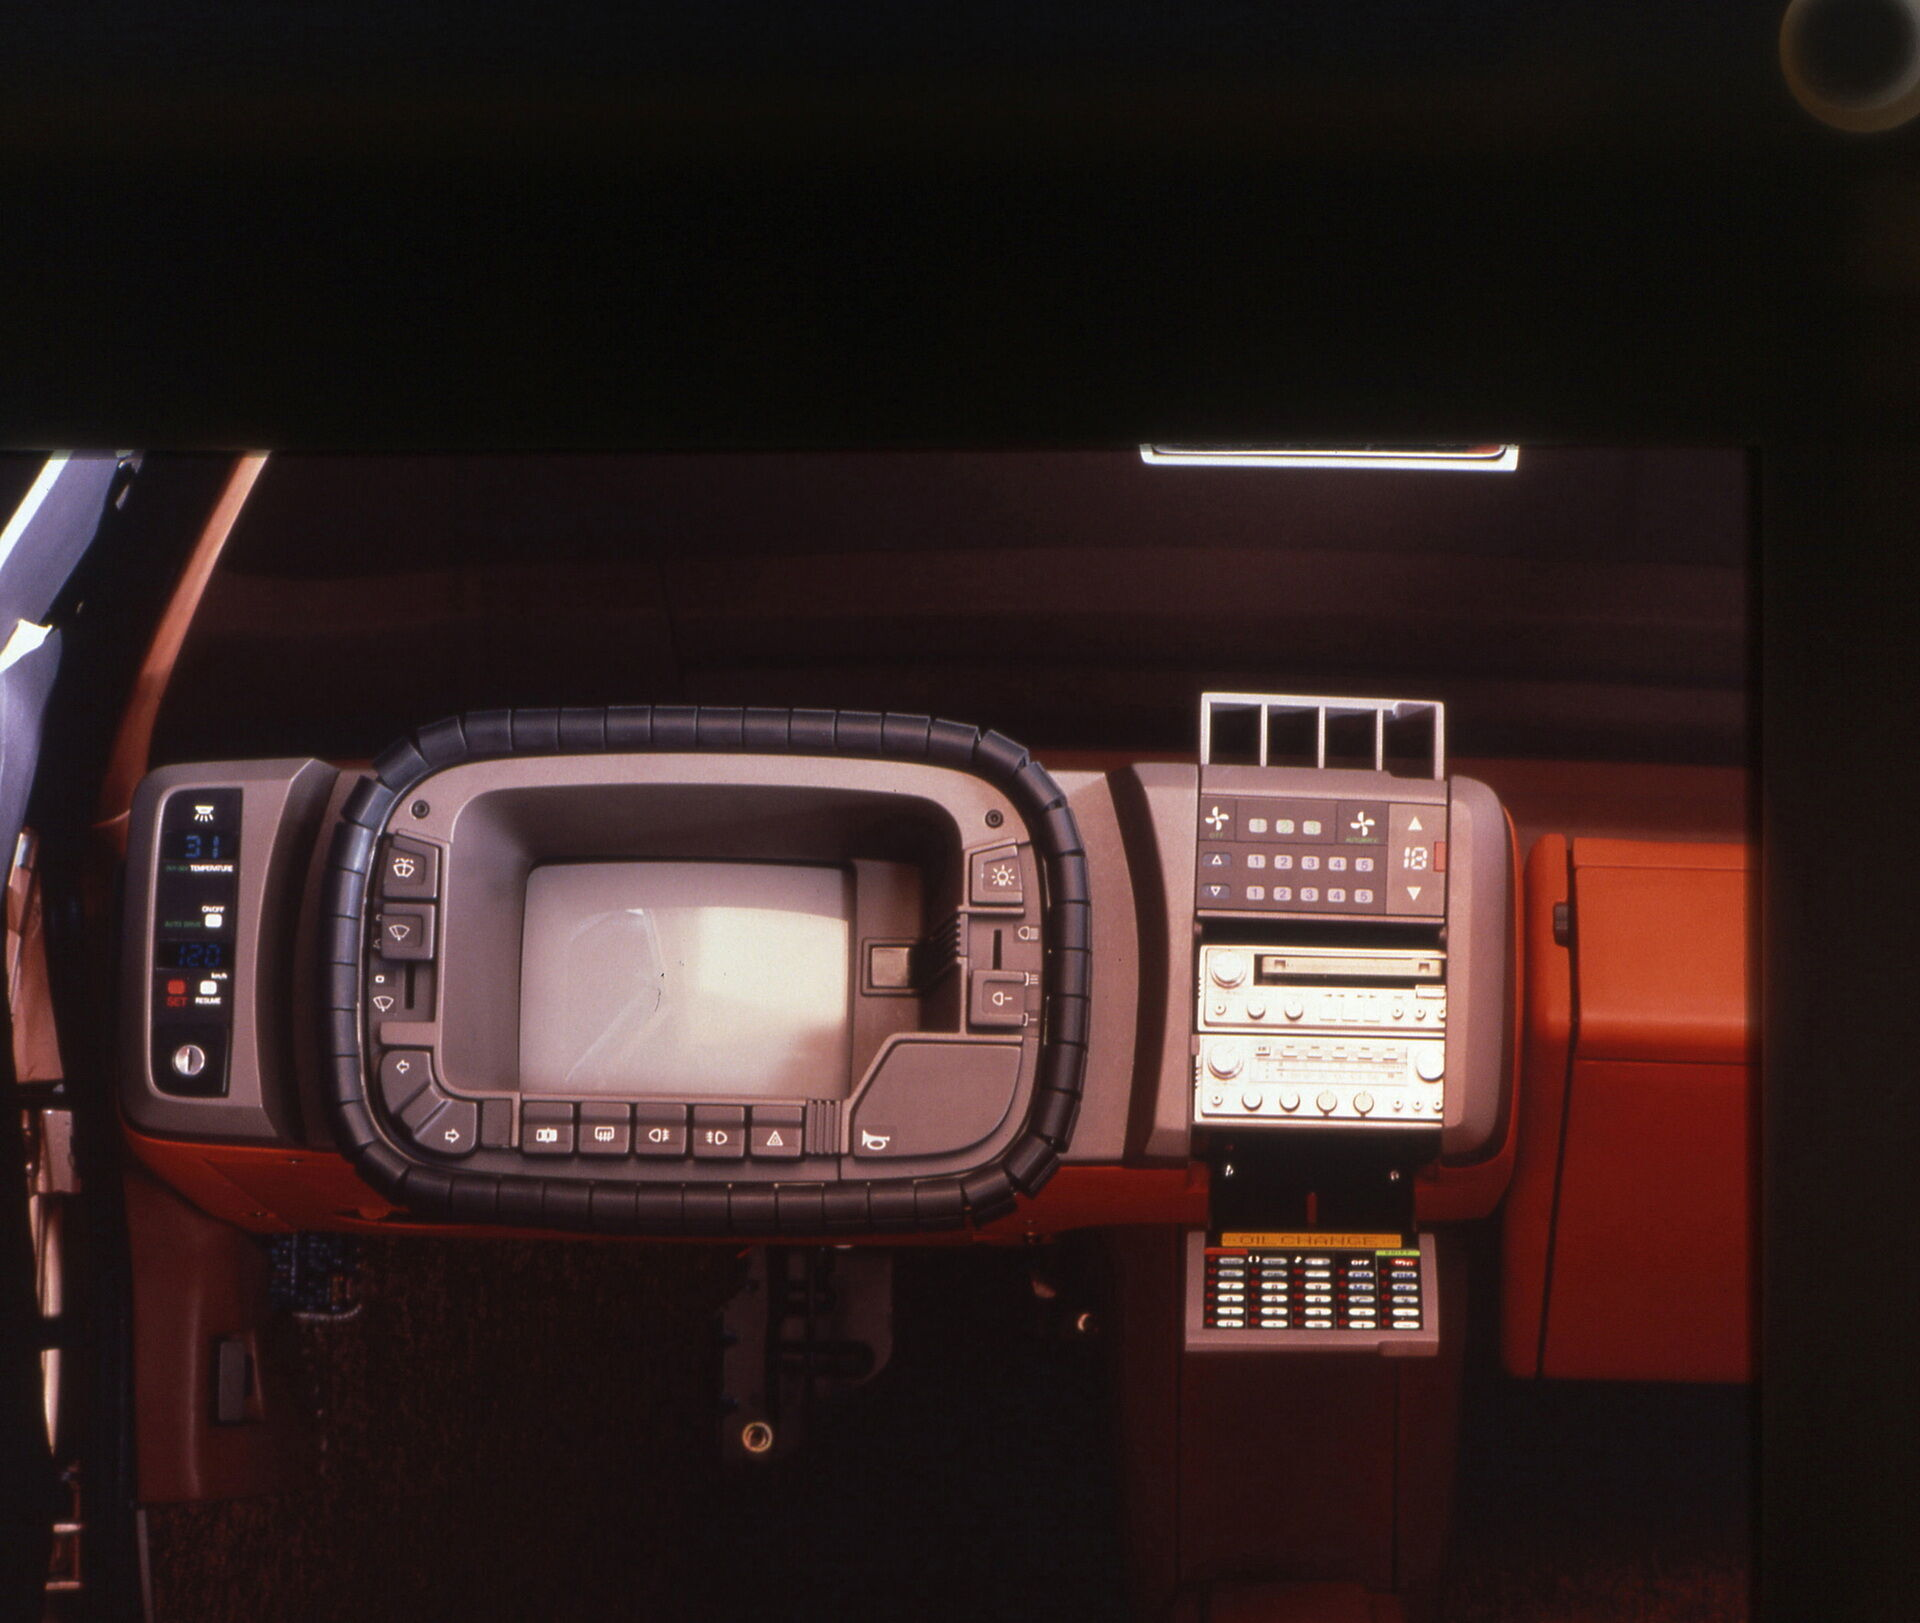 Приладова панель MX-81 Aria